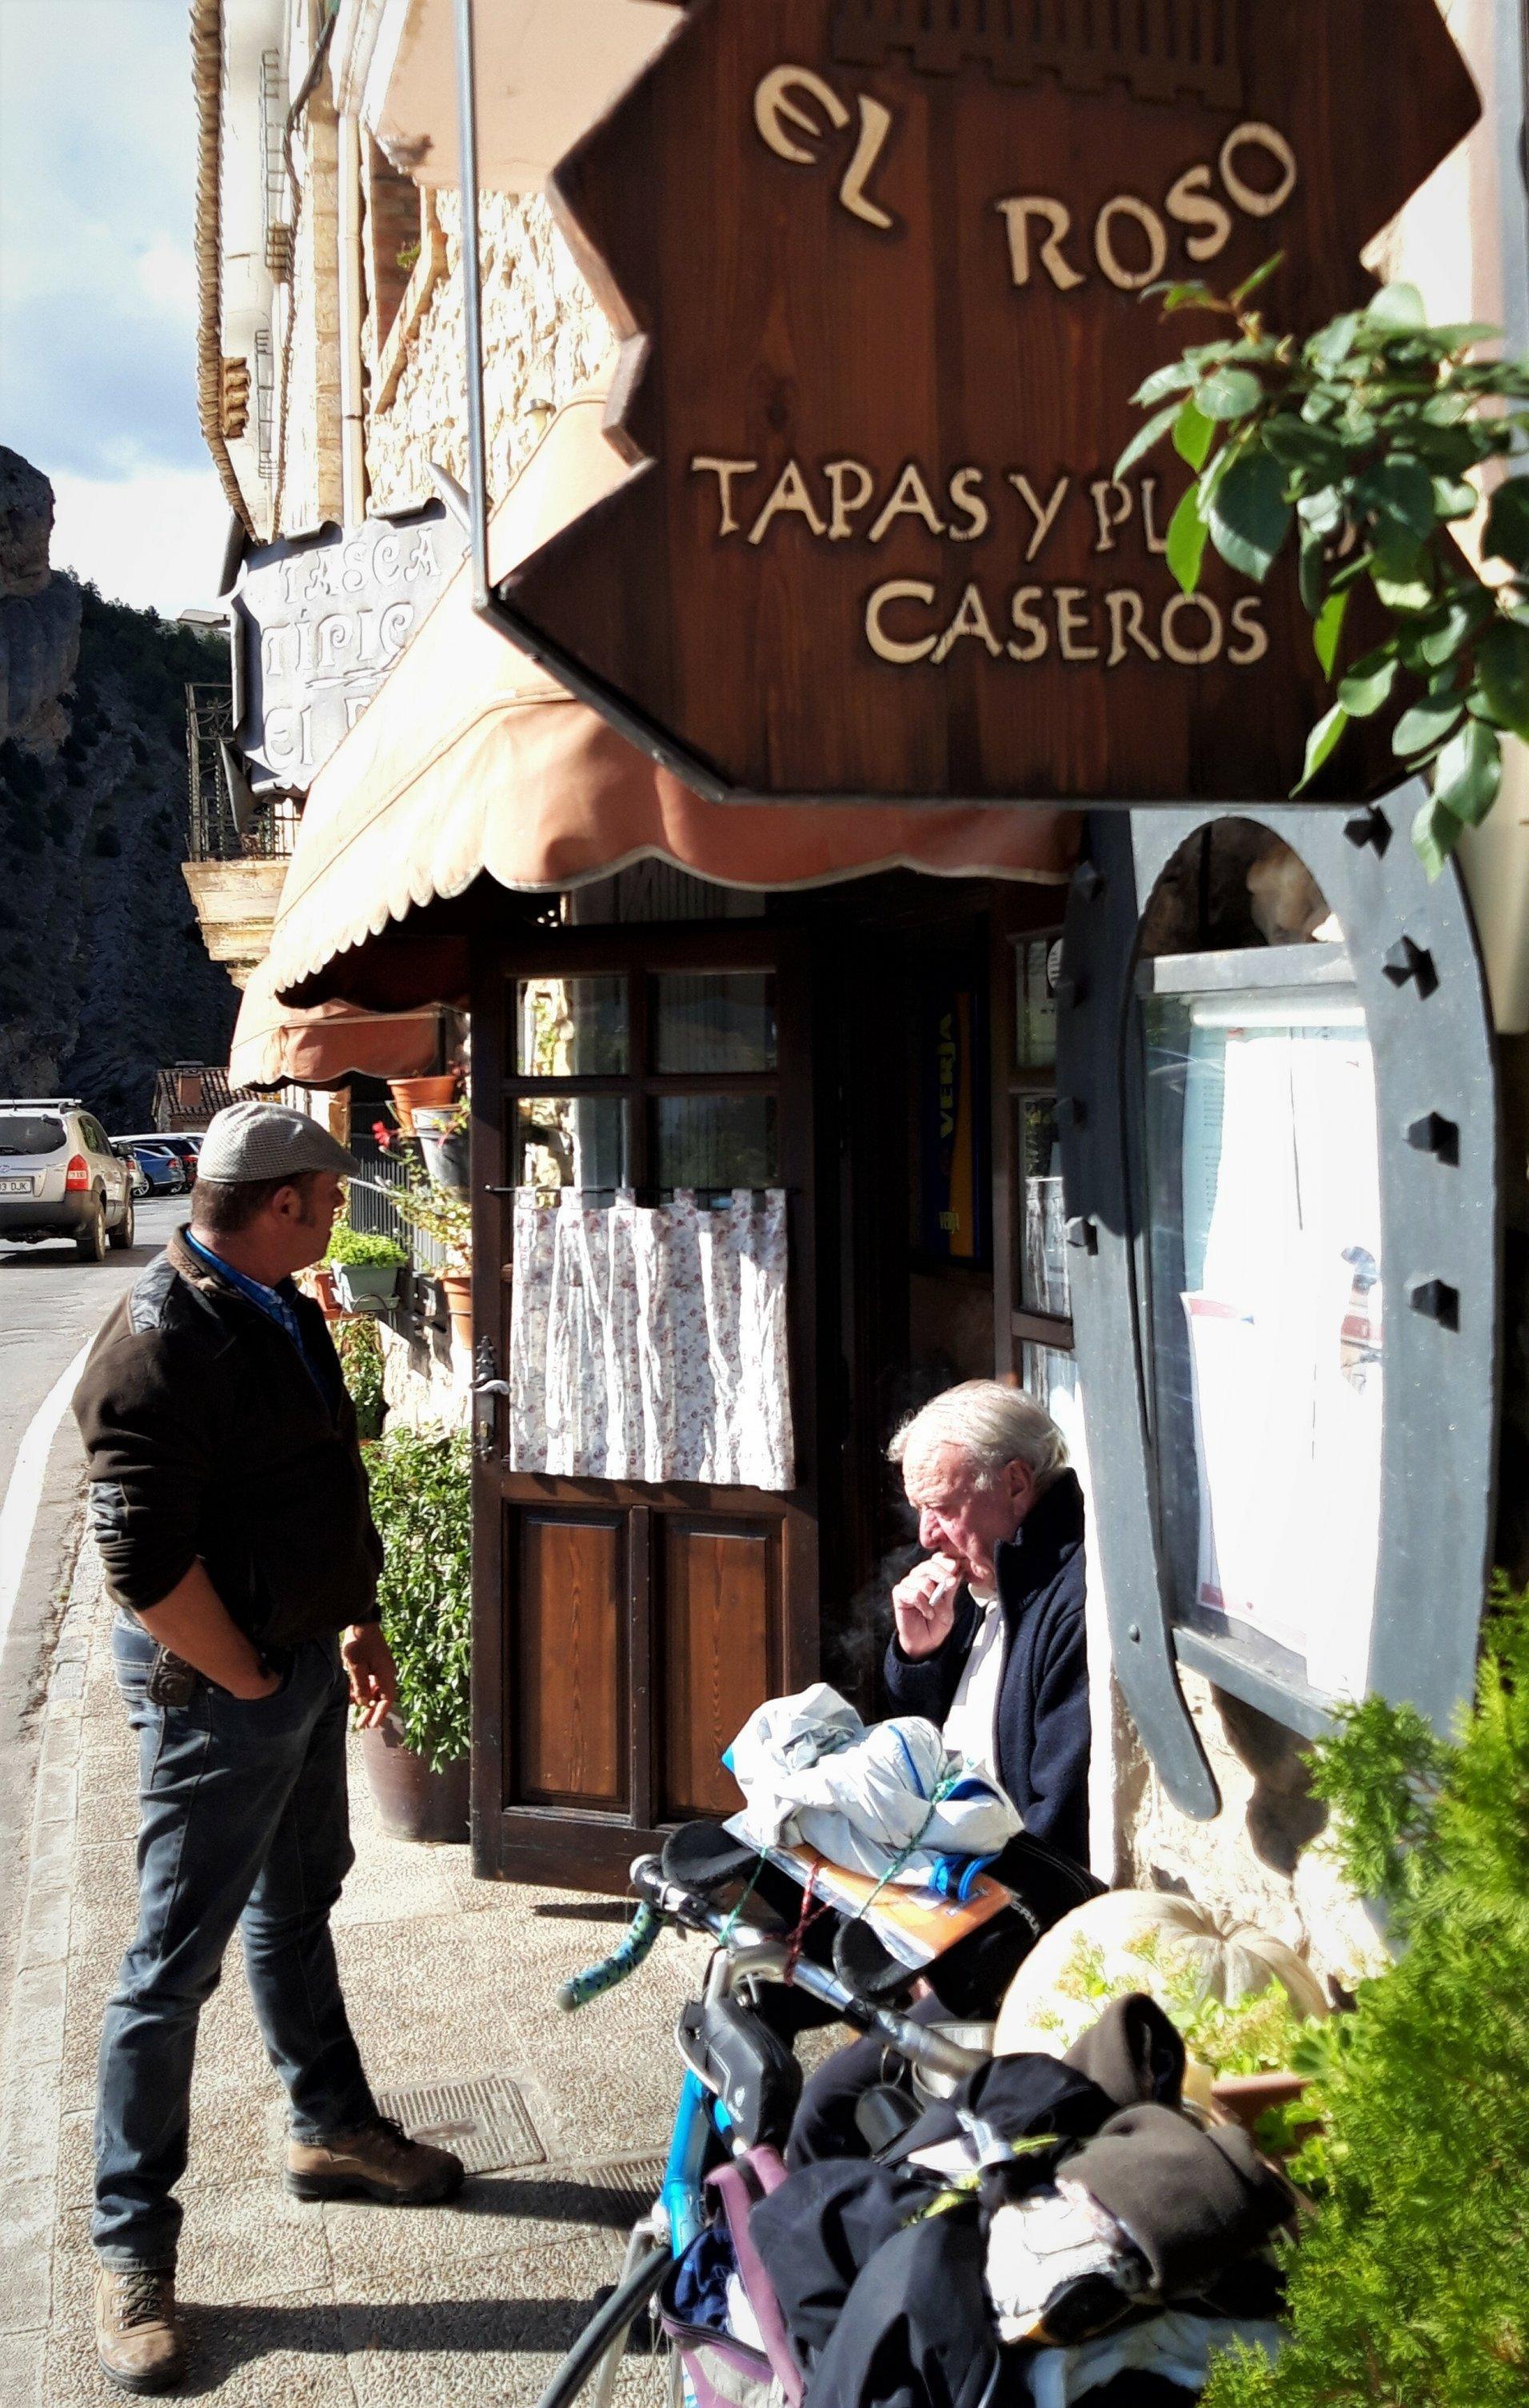 Zwei Männer vor der Taberna El Roso, einer stehend, der andere sitzend.